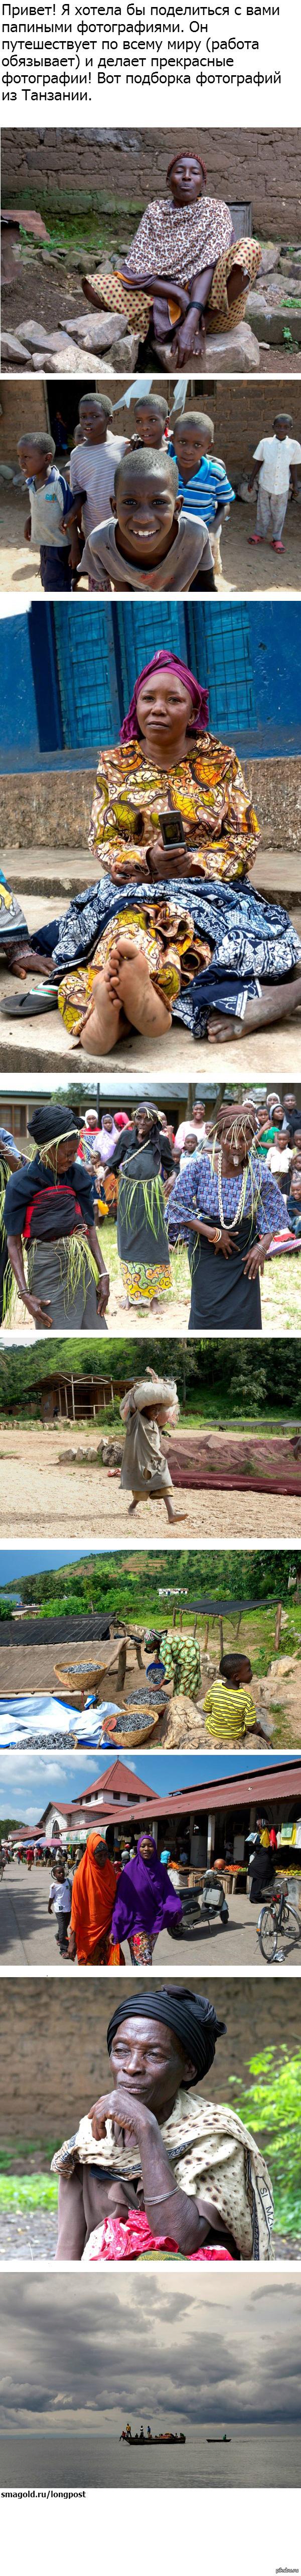 Танзания я могу показать еще больше фотографий отца, если кого-то это заинтересует)  Фото, путешествия, танзания, Люди, длиннопост